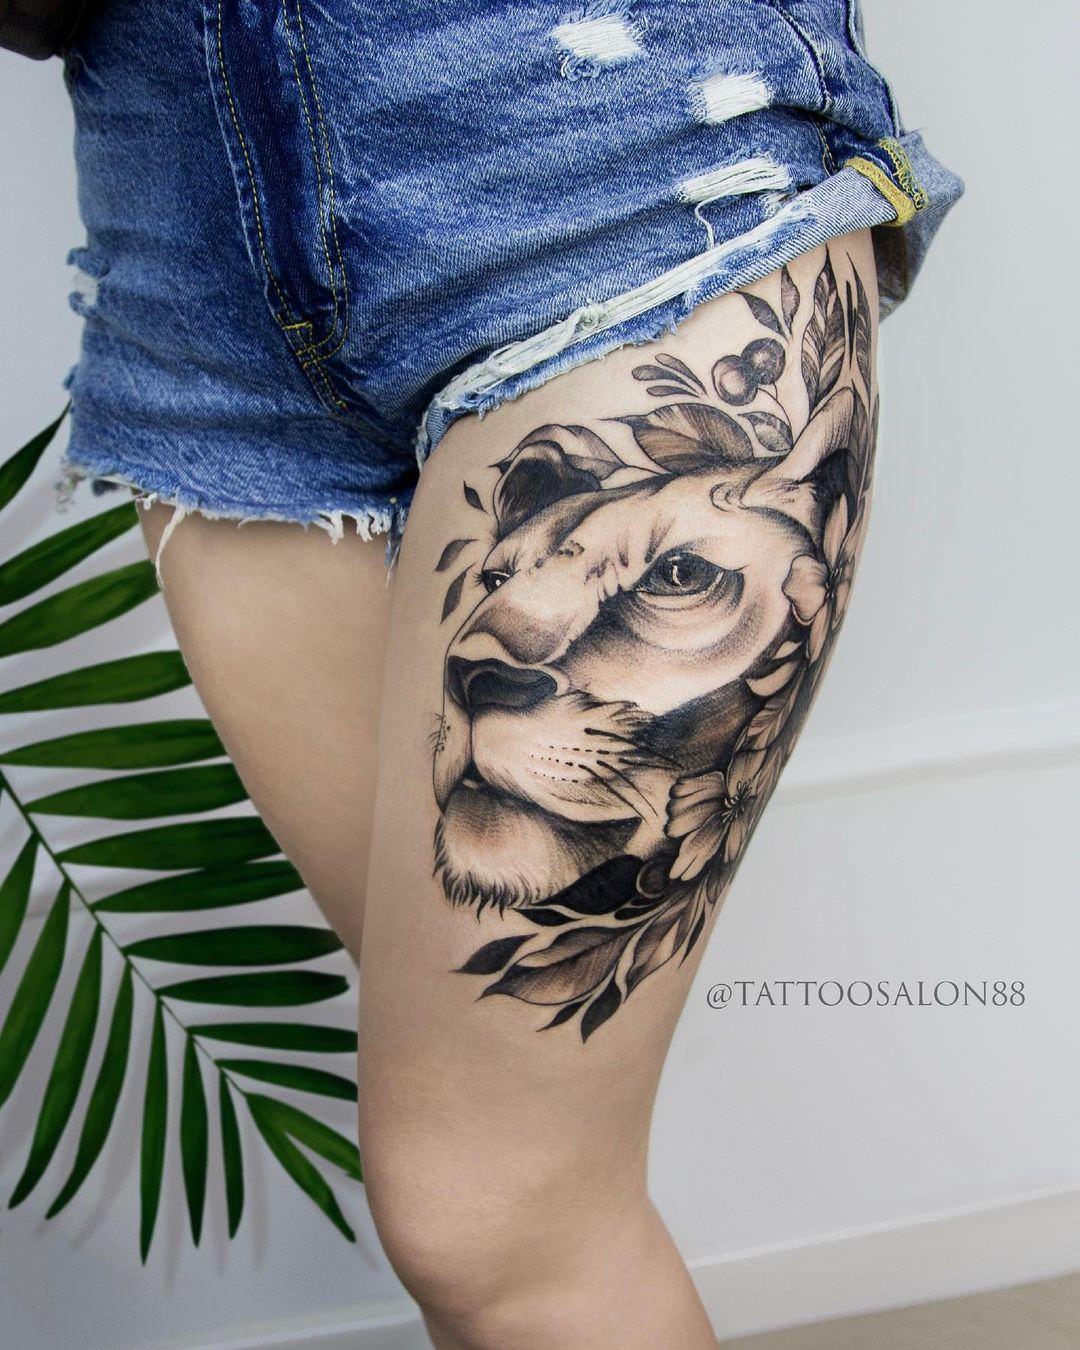 tattoosalon88_214104315_498031034821855_9082449884417333068_n